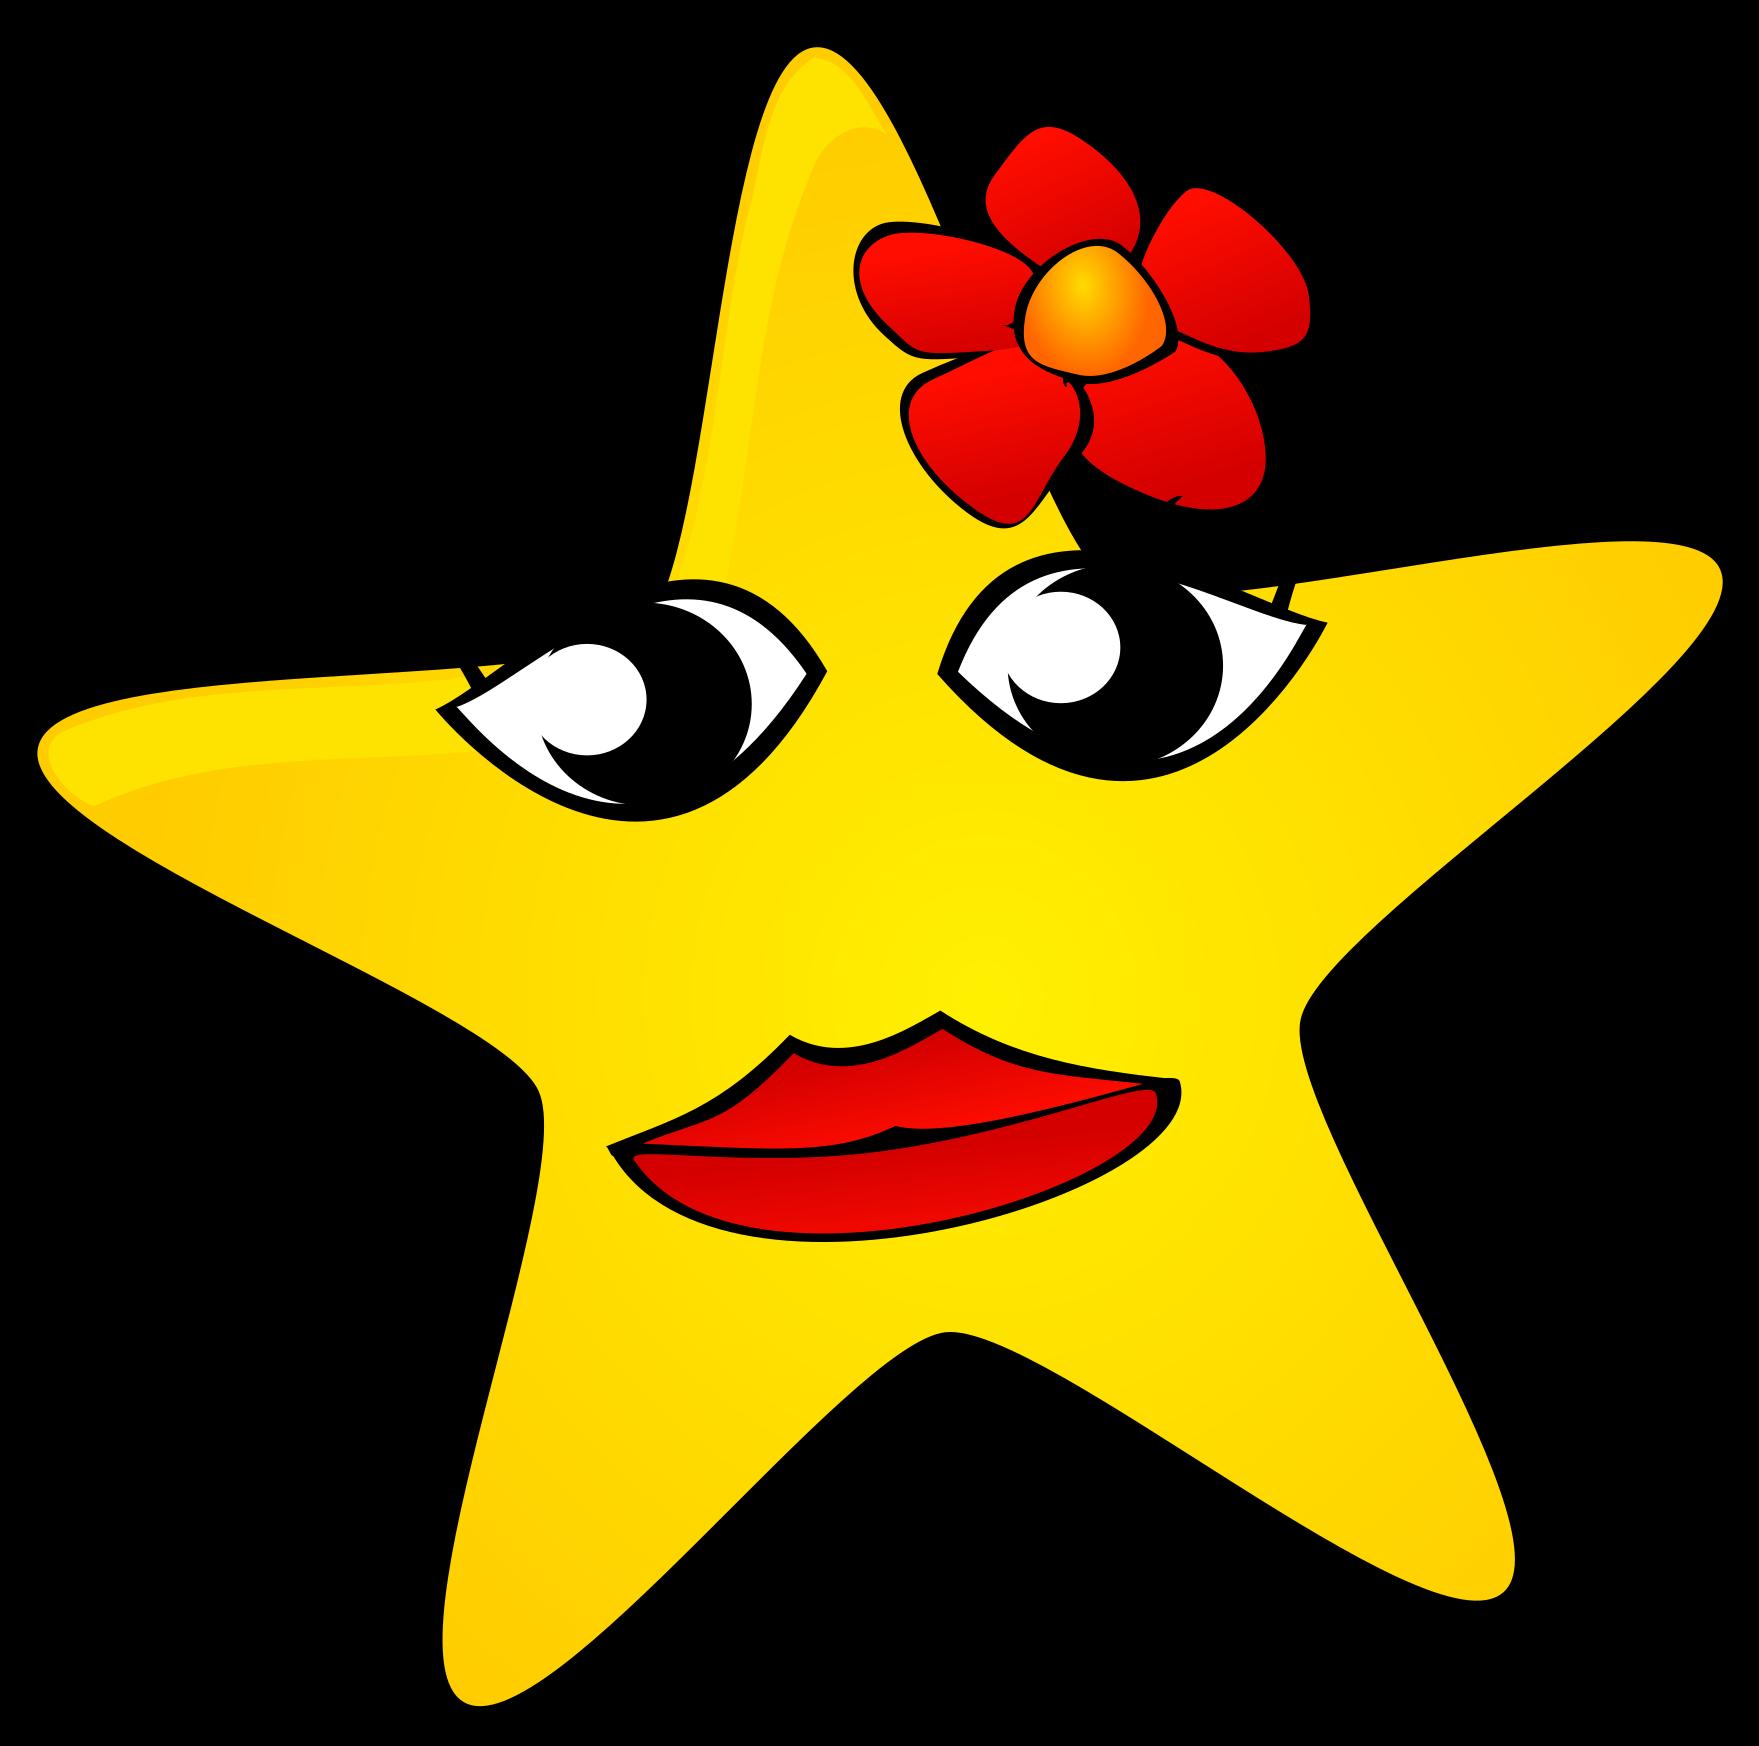 Картинка звездочка прикольная